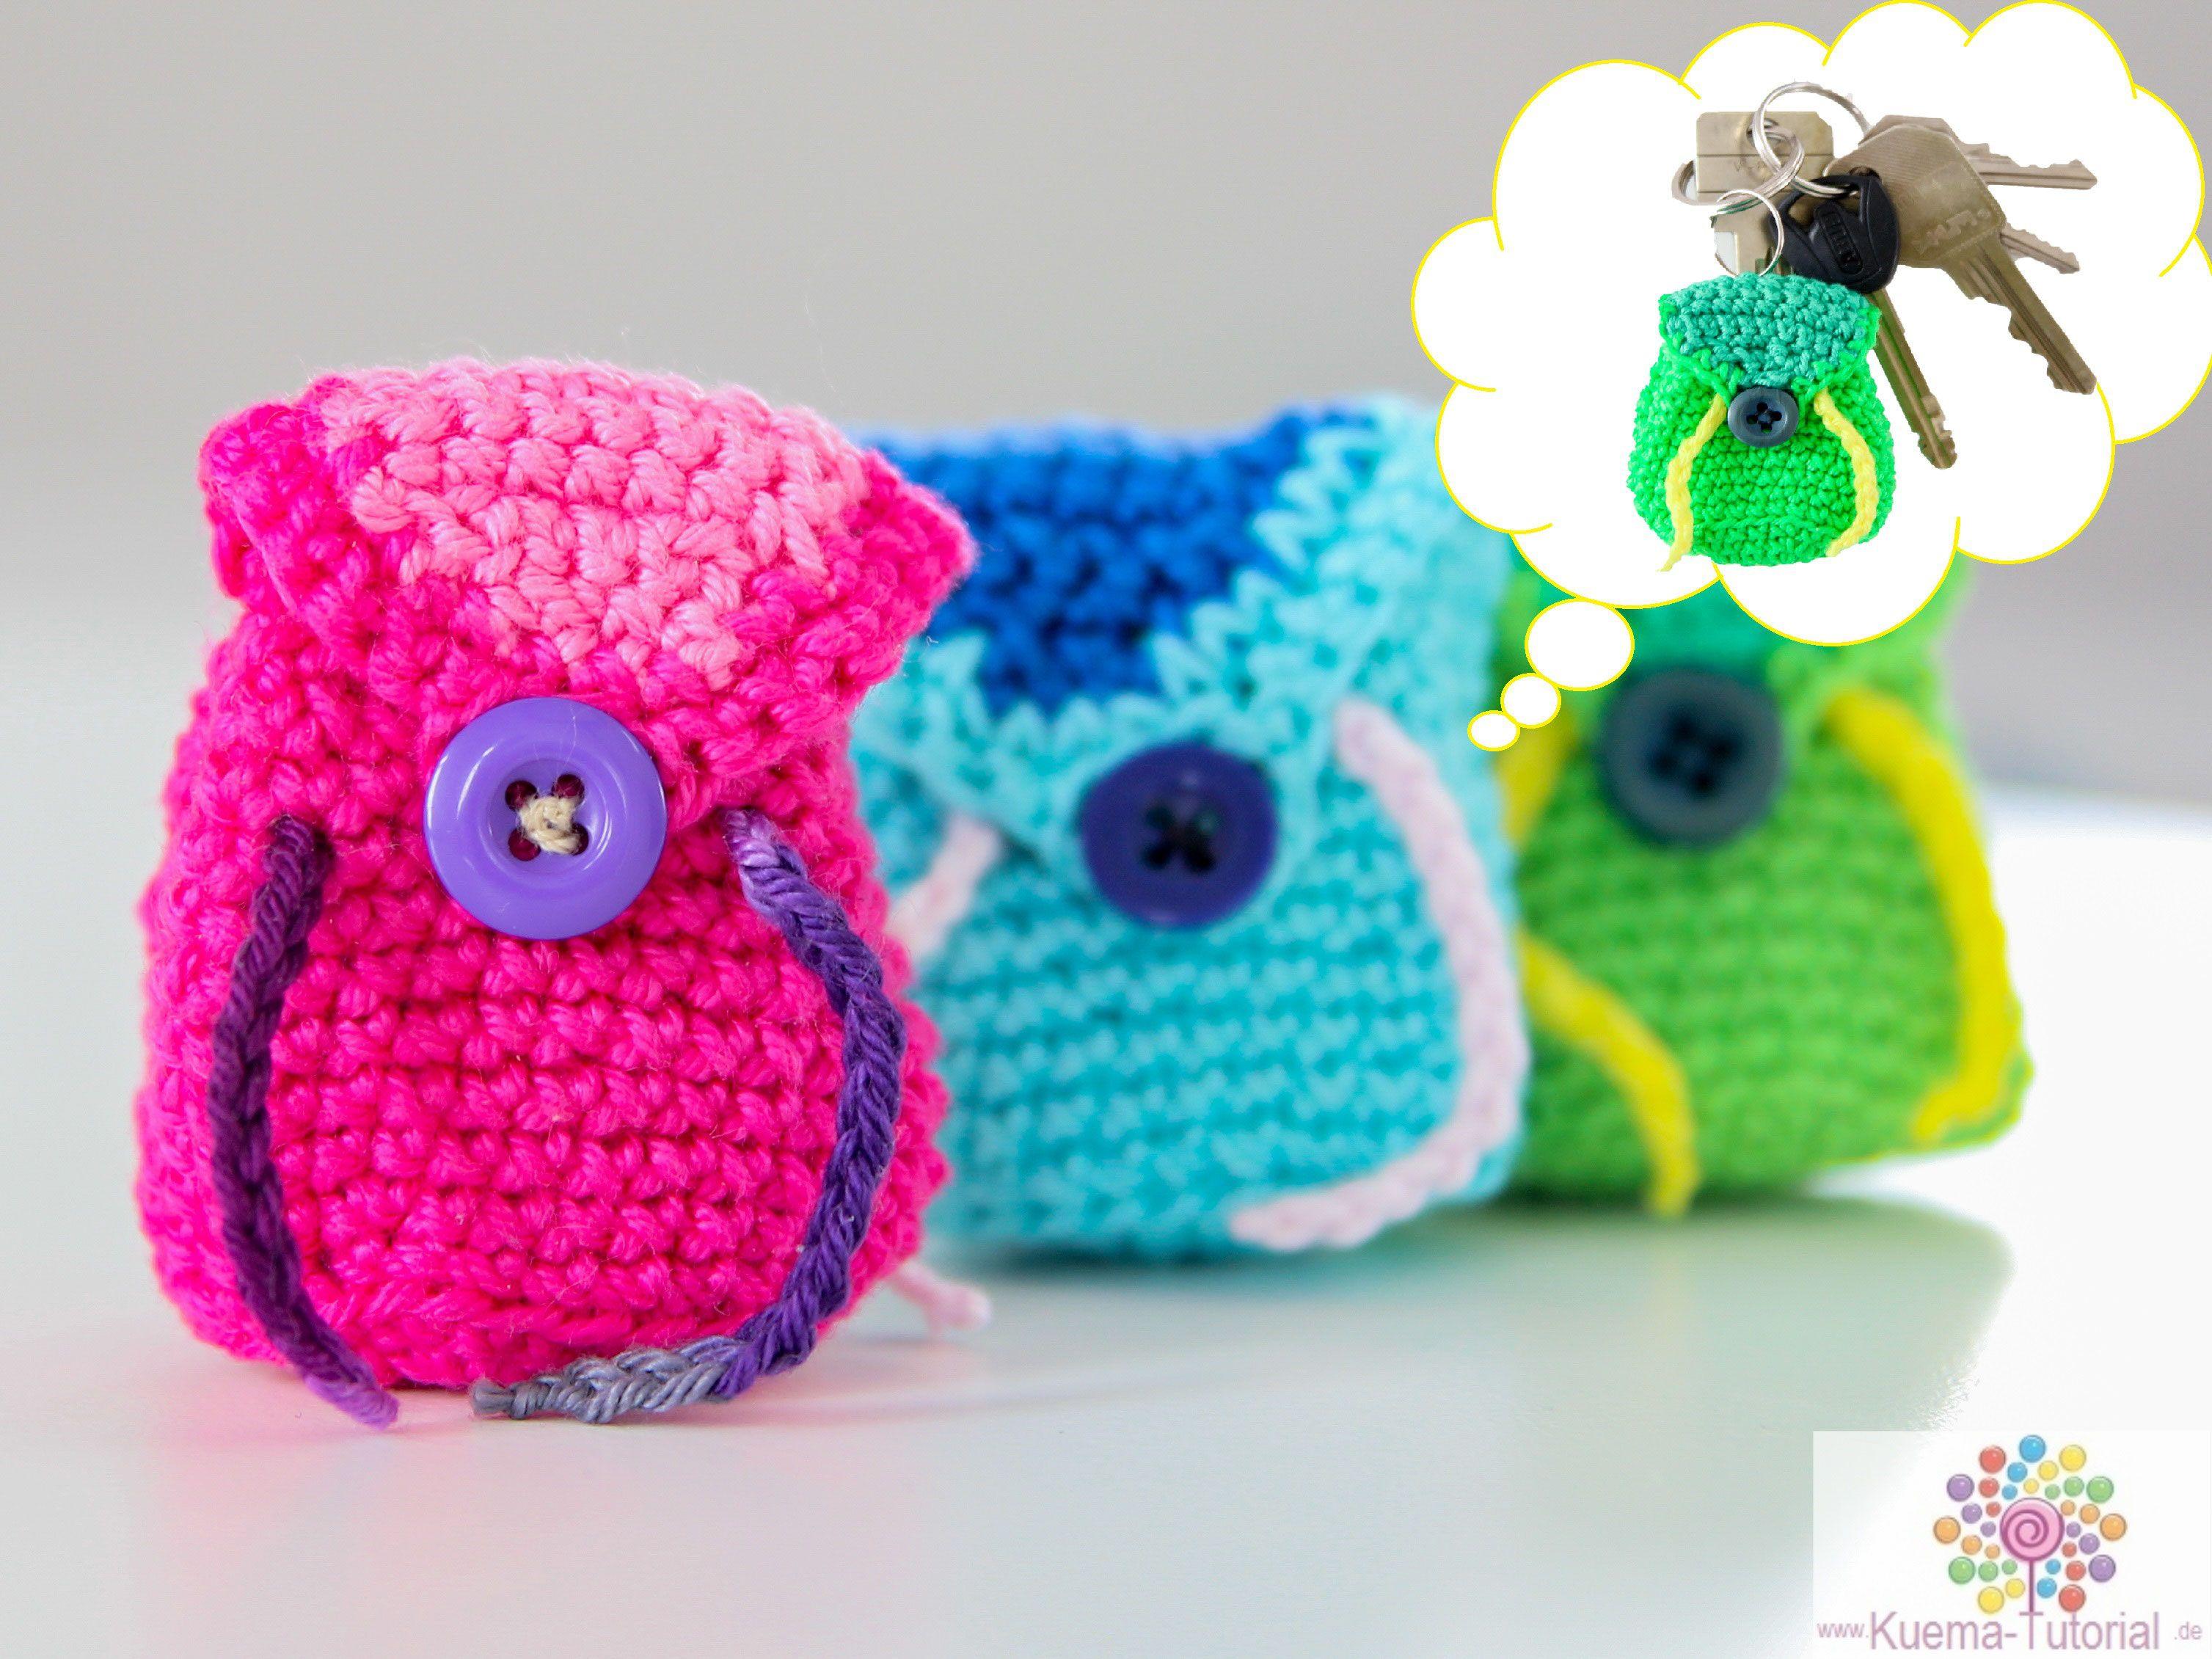 Täschchen Rucksack Häkeln Für Einkaufschip Häkeln Pinterest